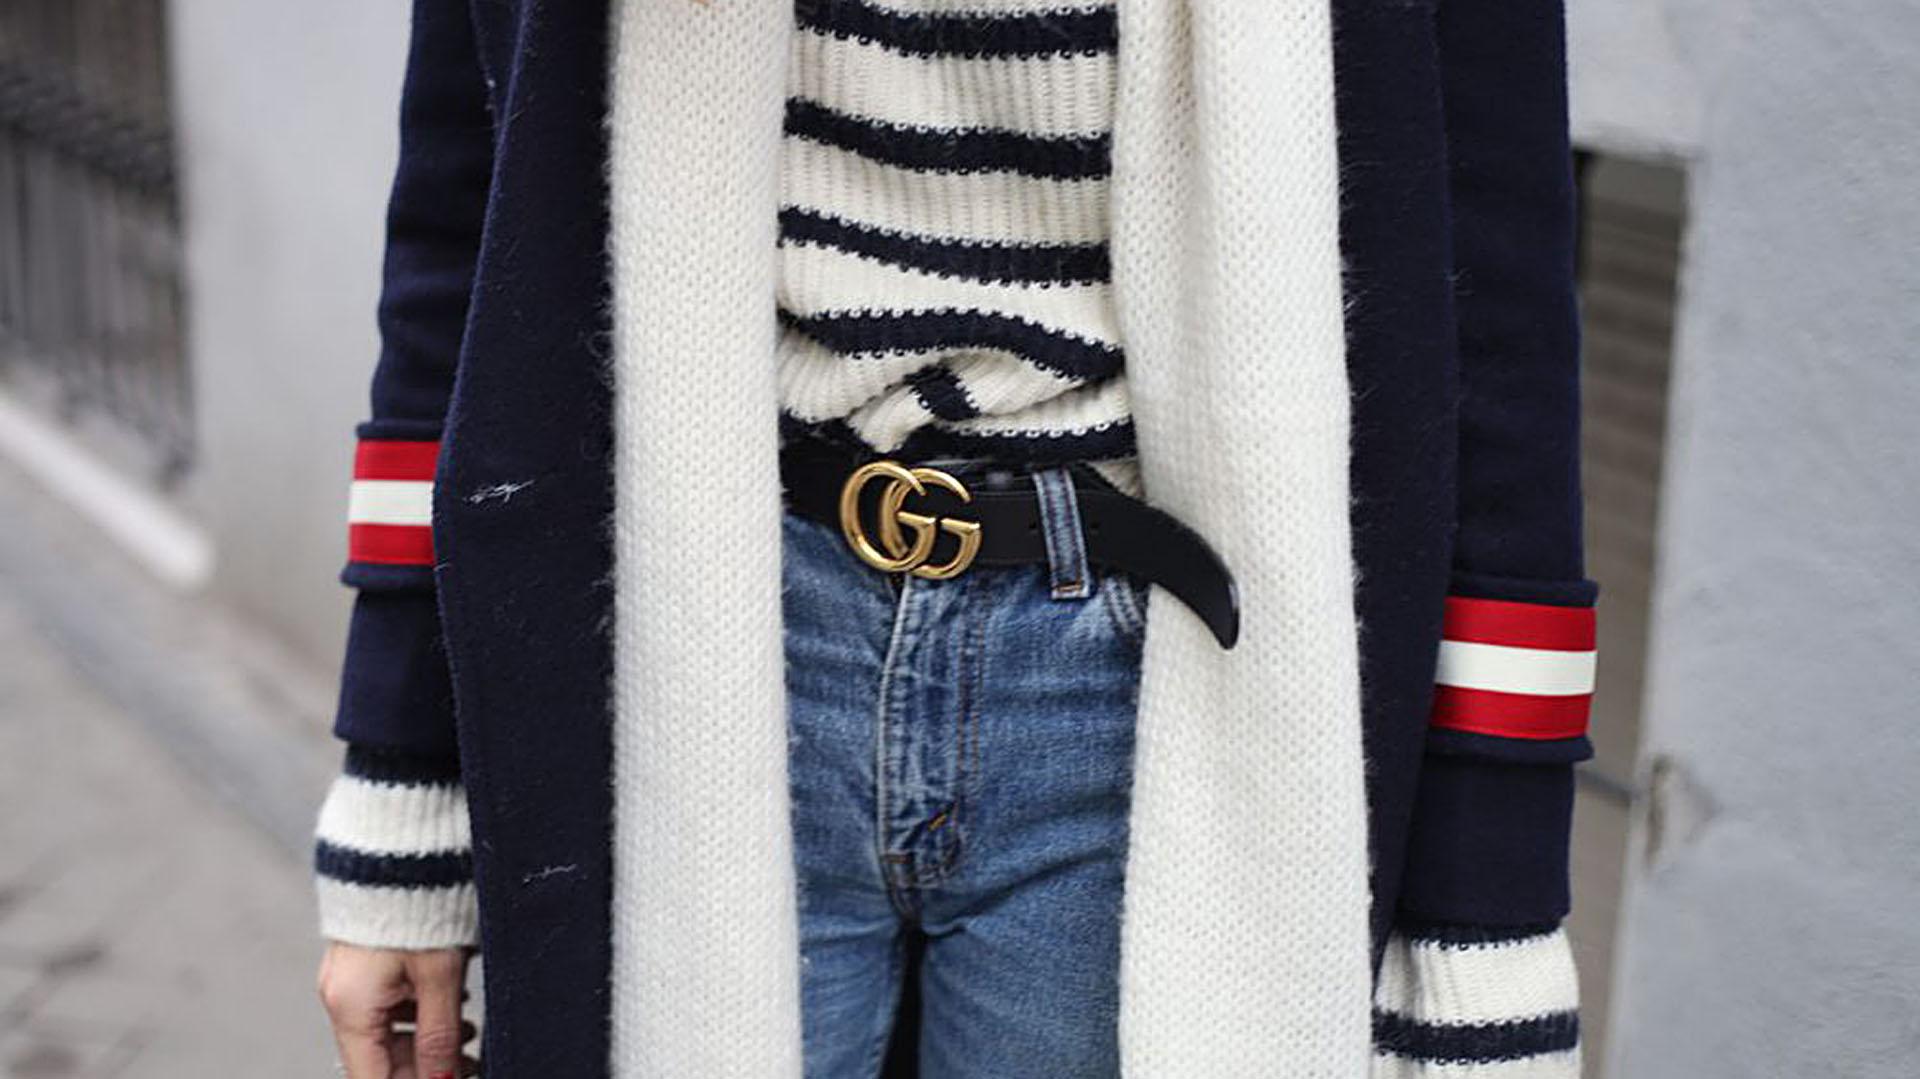 El cinturón Gucci que todas quieren - Infobae cdbef030e88